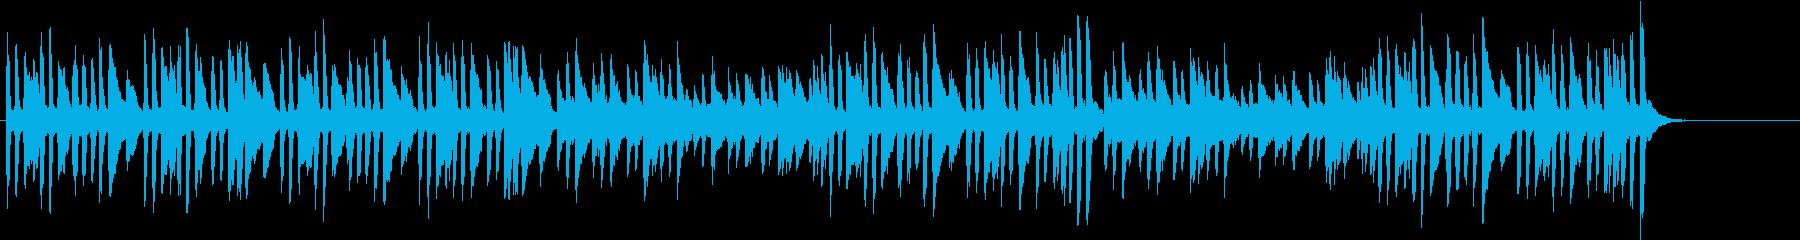 かわいらしい軽快なピアノソロ曲の再生済みの波形